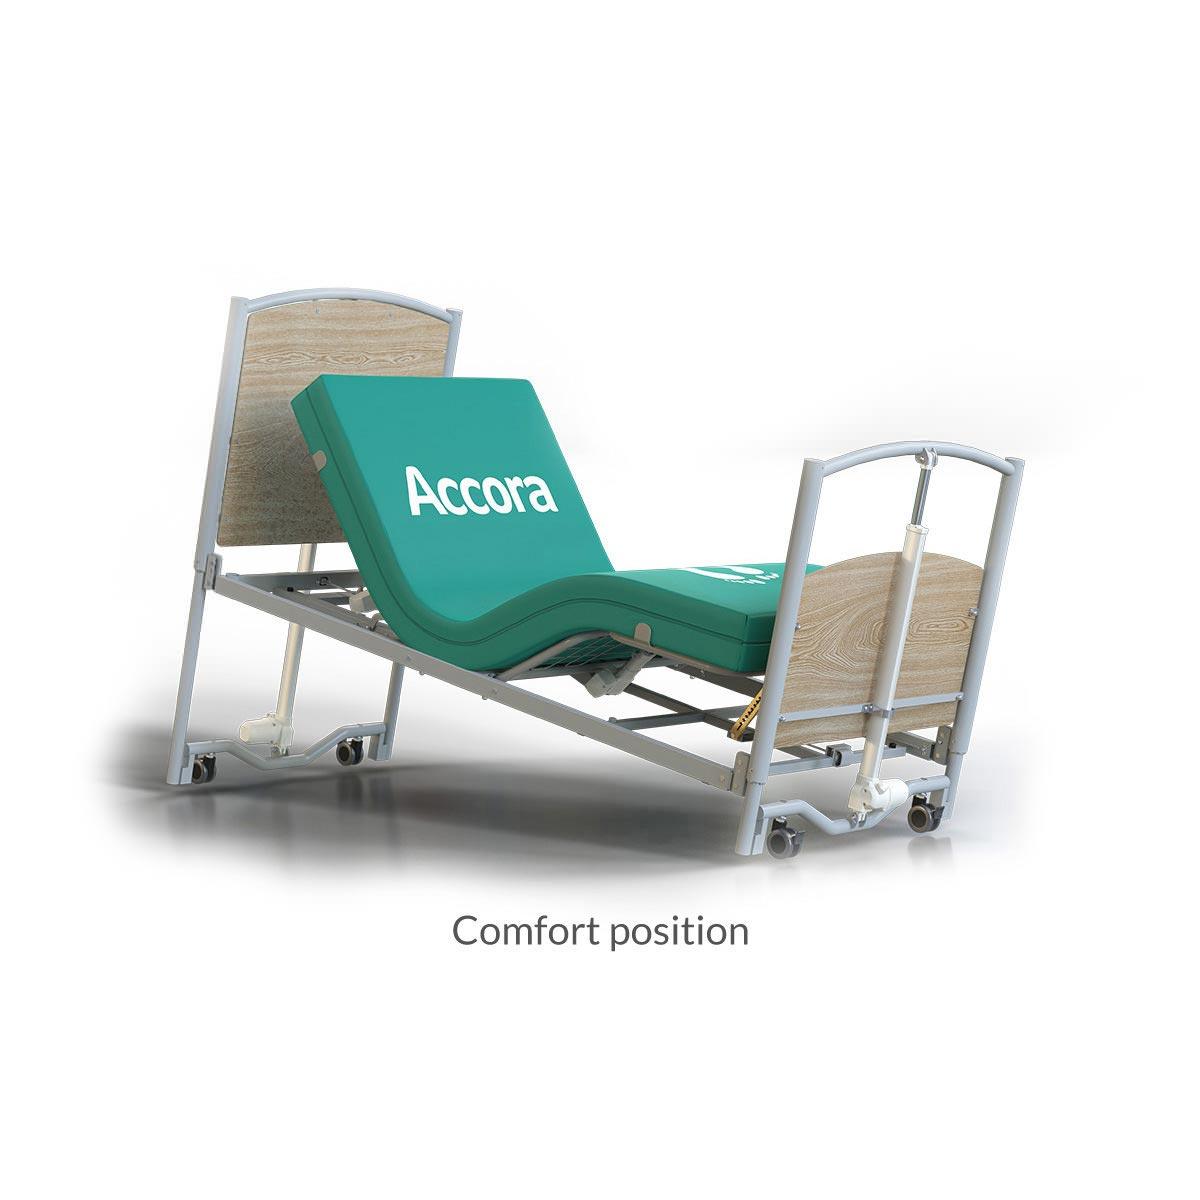 Accora Floor Bed 1 plus - comfort position